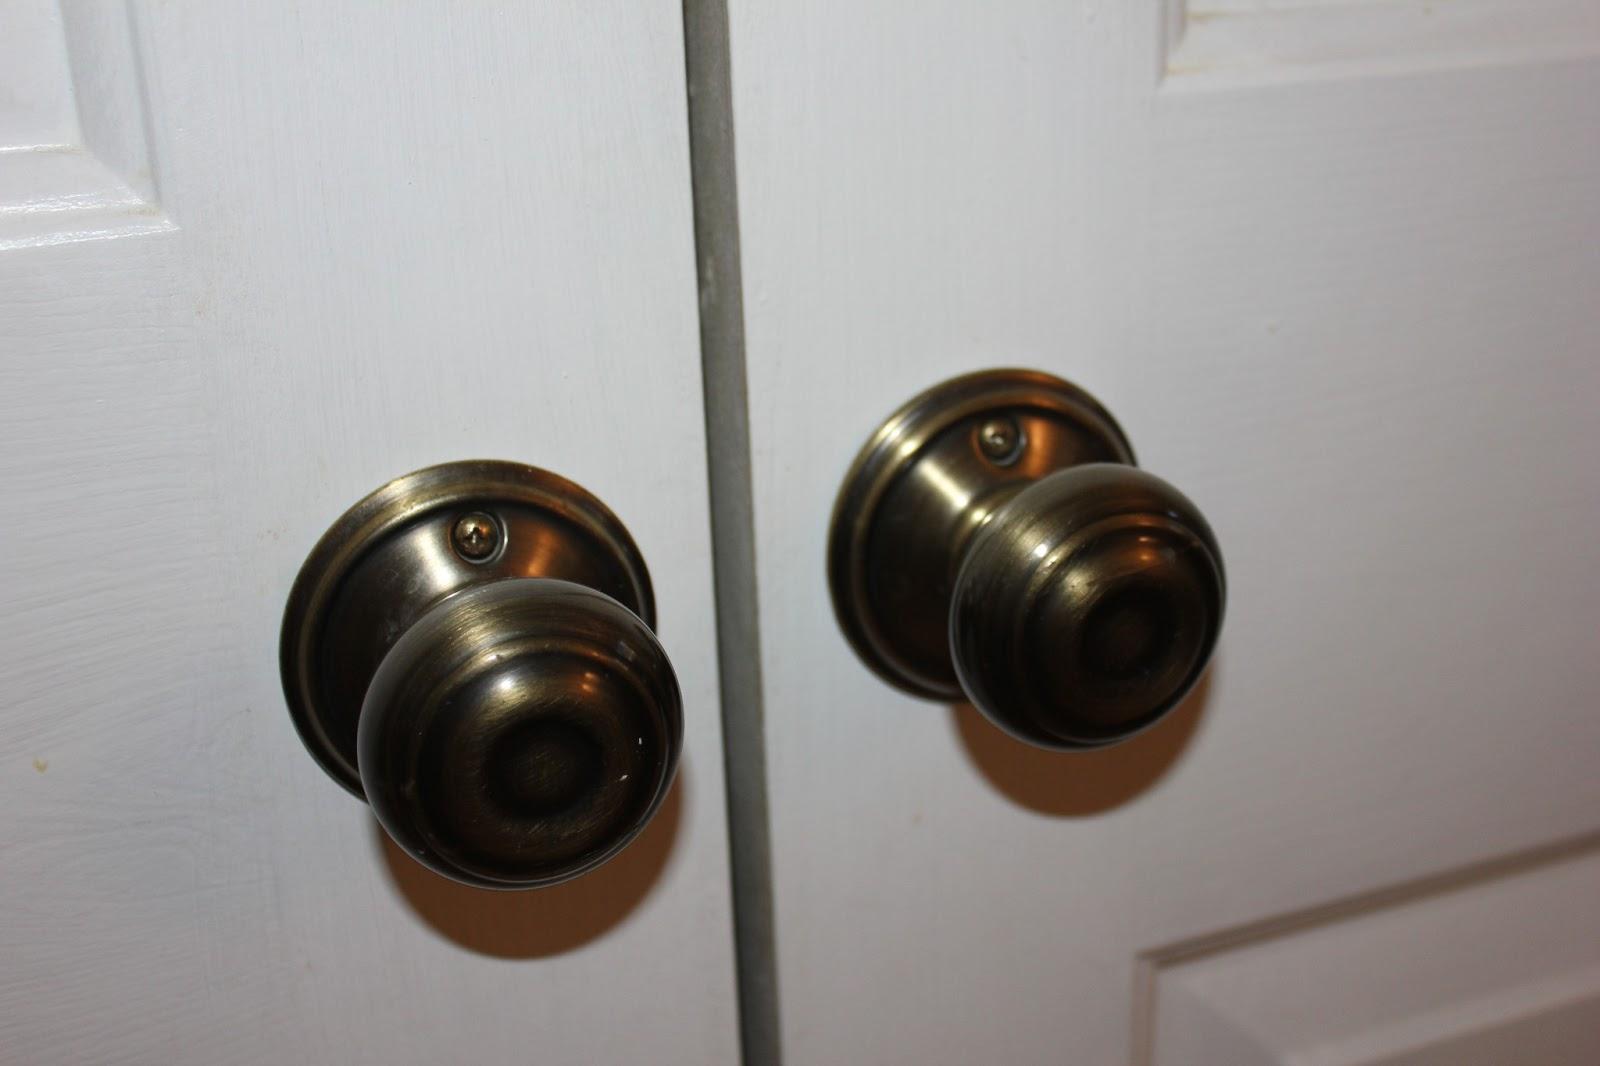 closet door knobs photo - 11